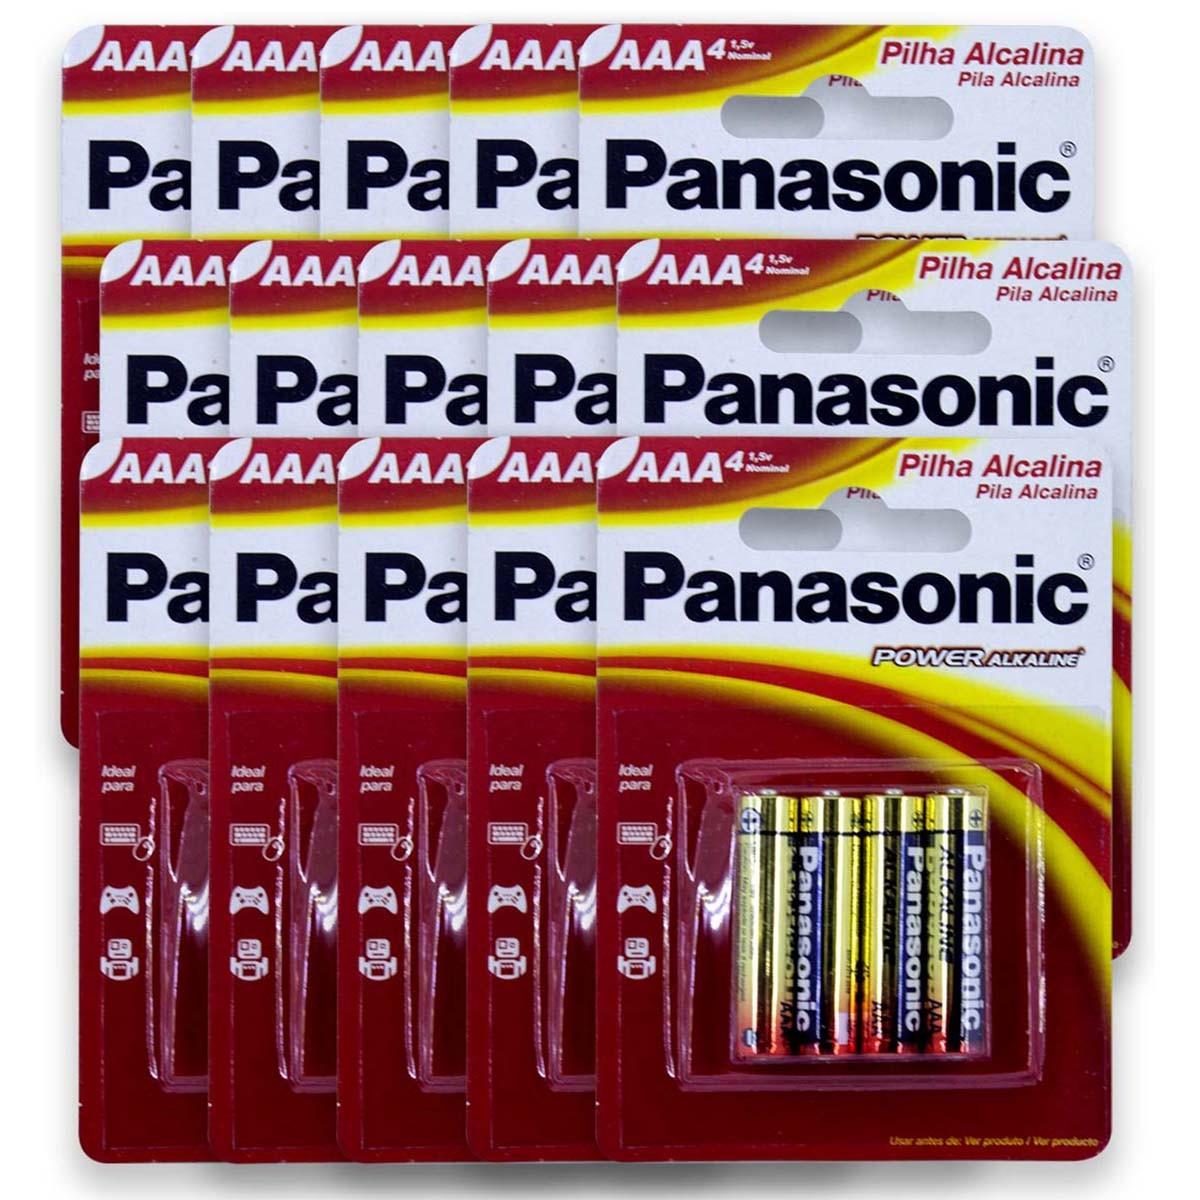 60 Pilhas AAA Alcalina PANASONIC 15 cartelas